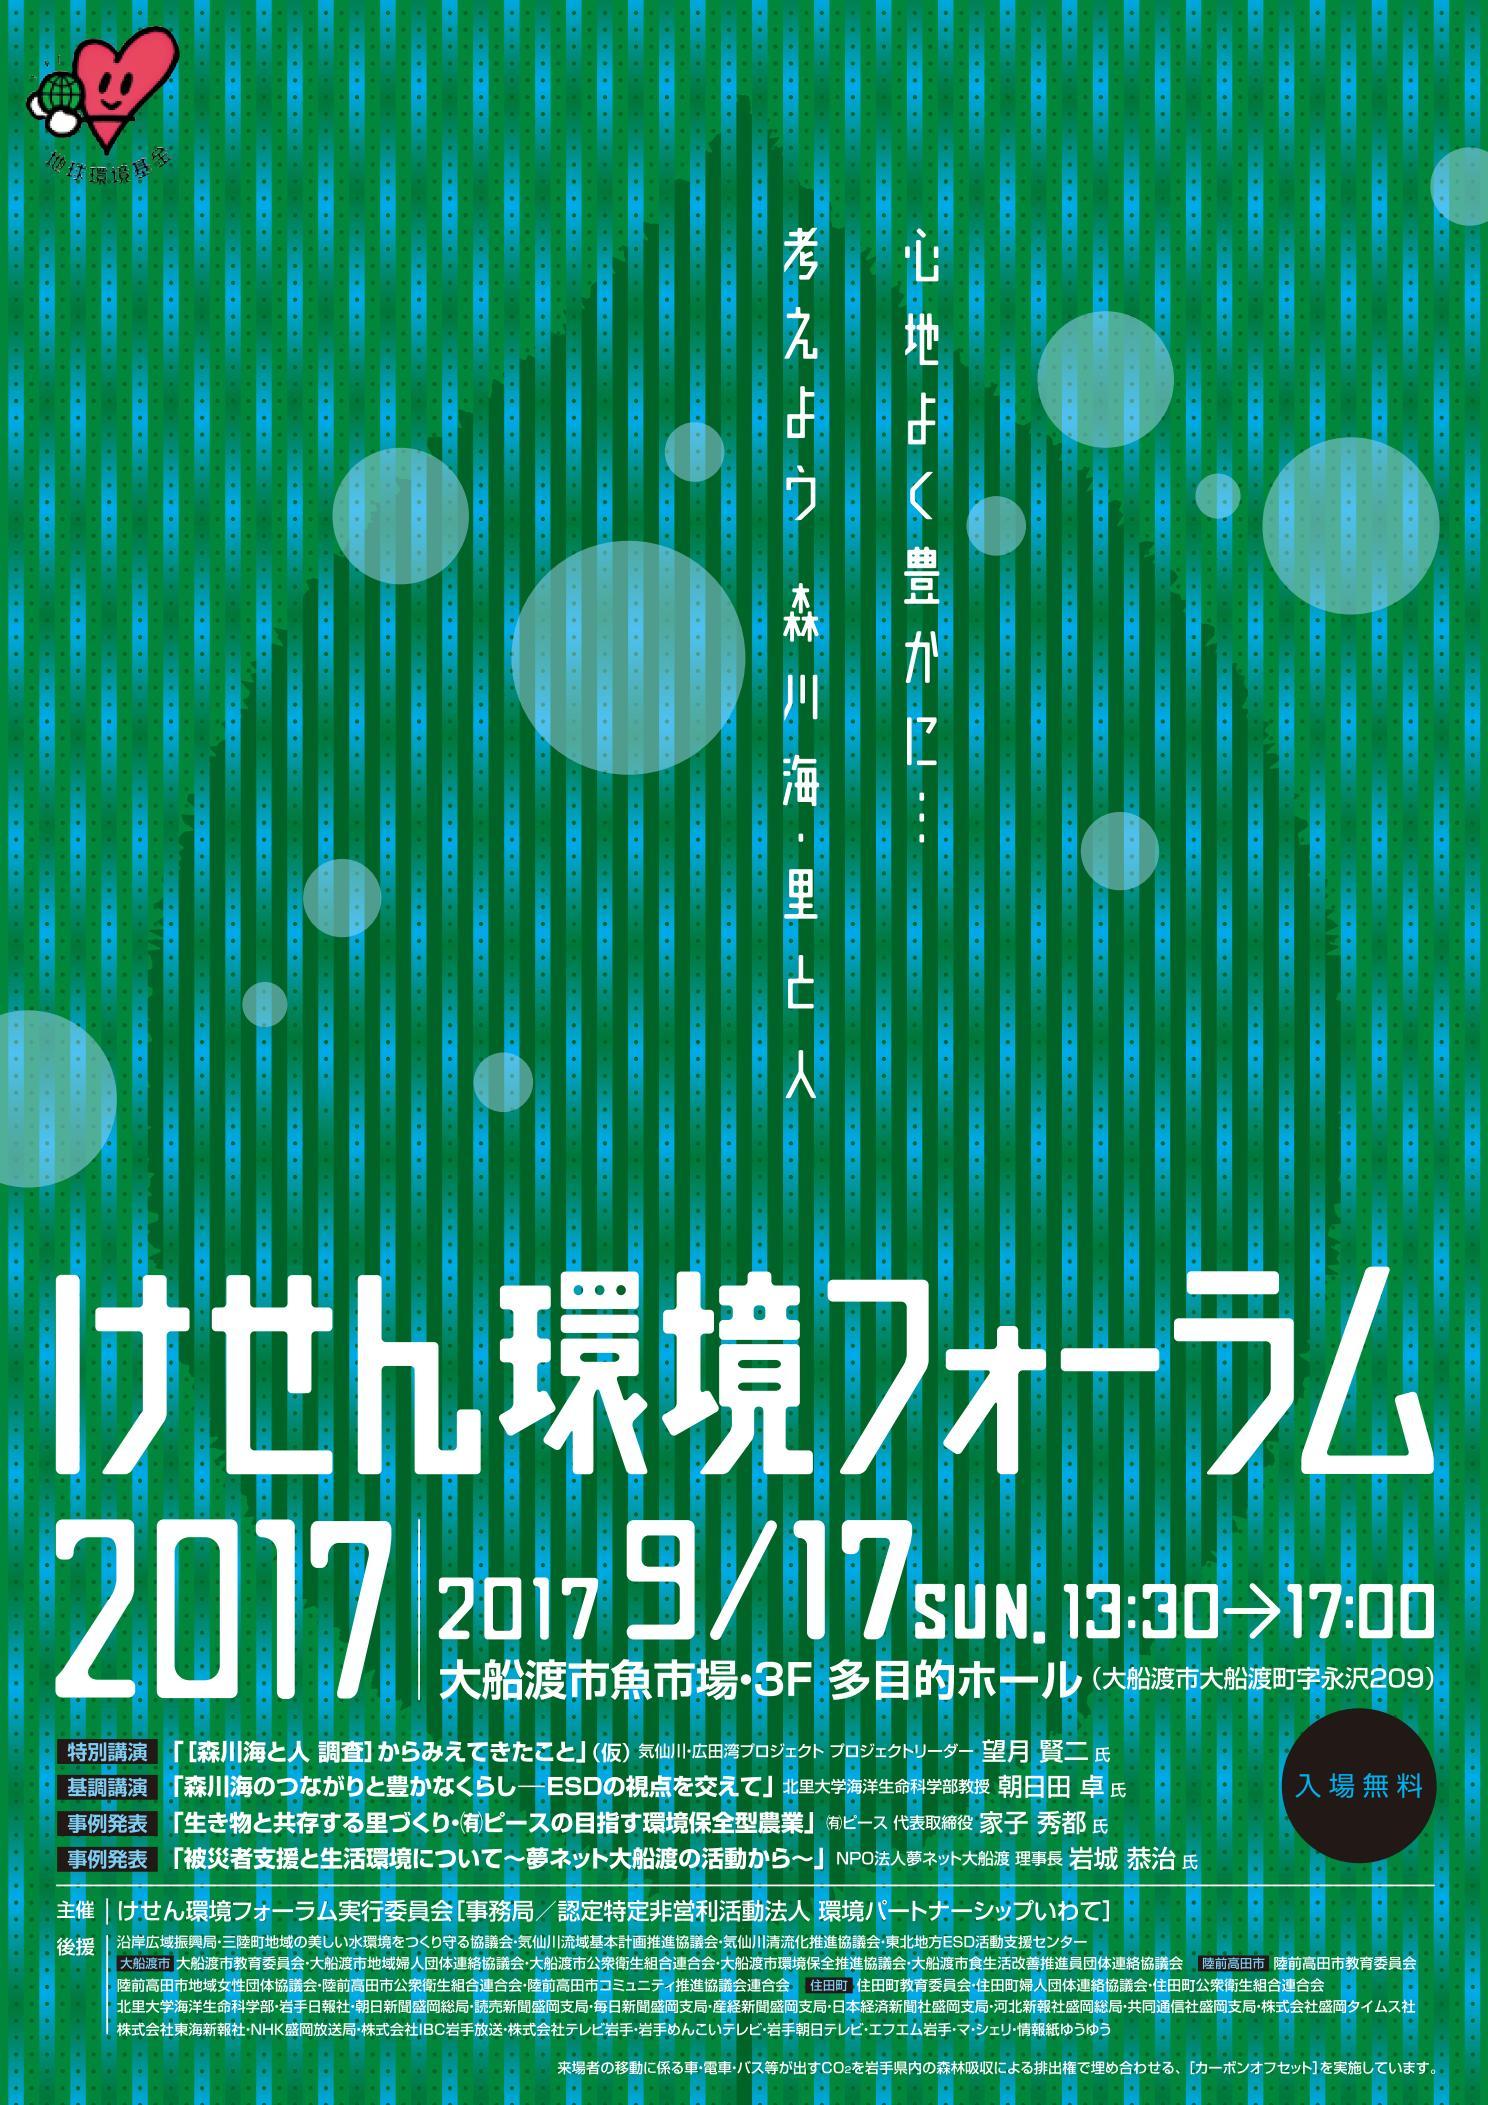 http://www.iwate-eco.jp/info/20170917kesen.jpg